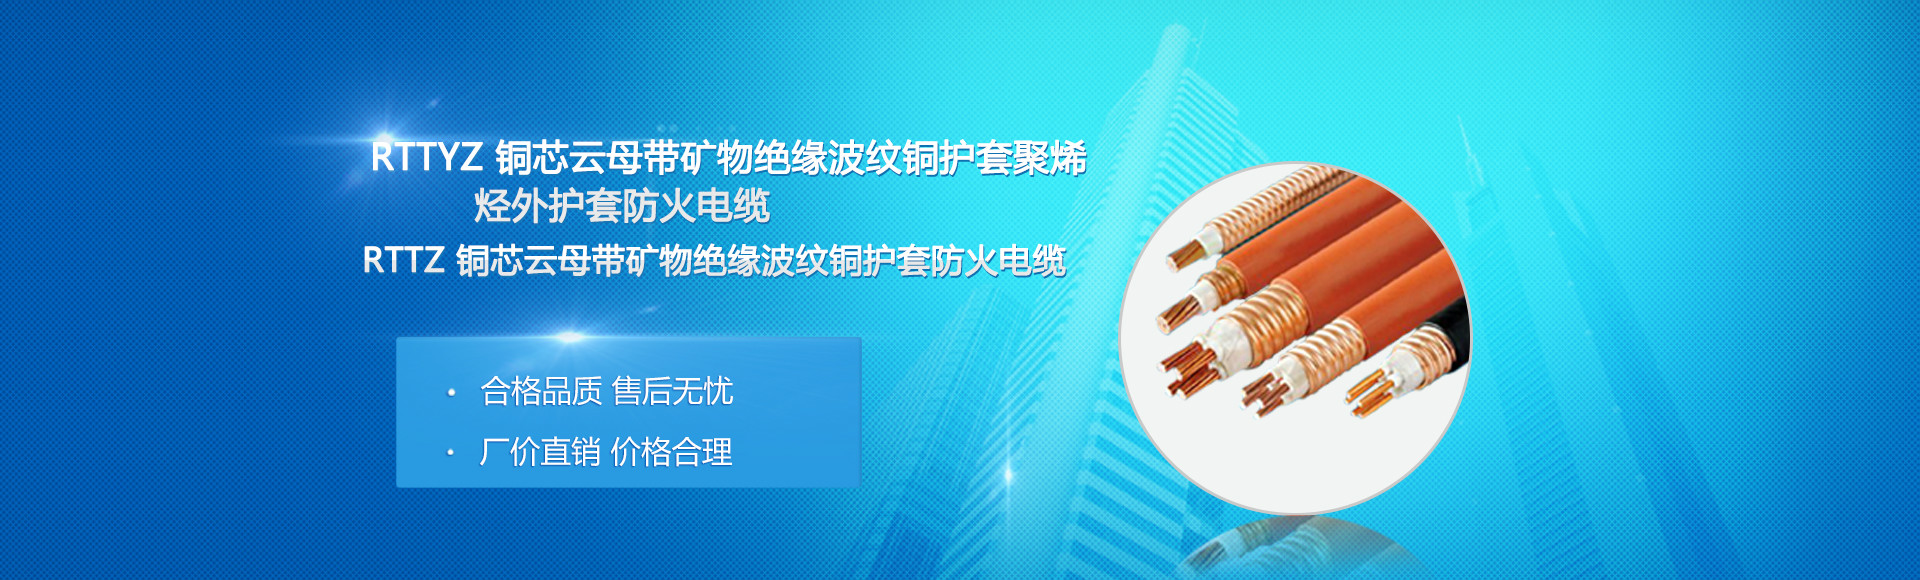 新能源电缆生产厂家